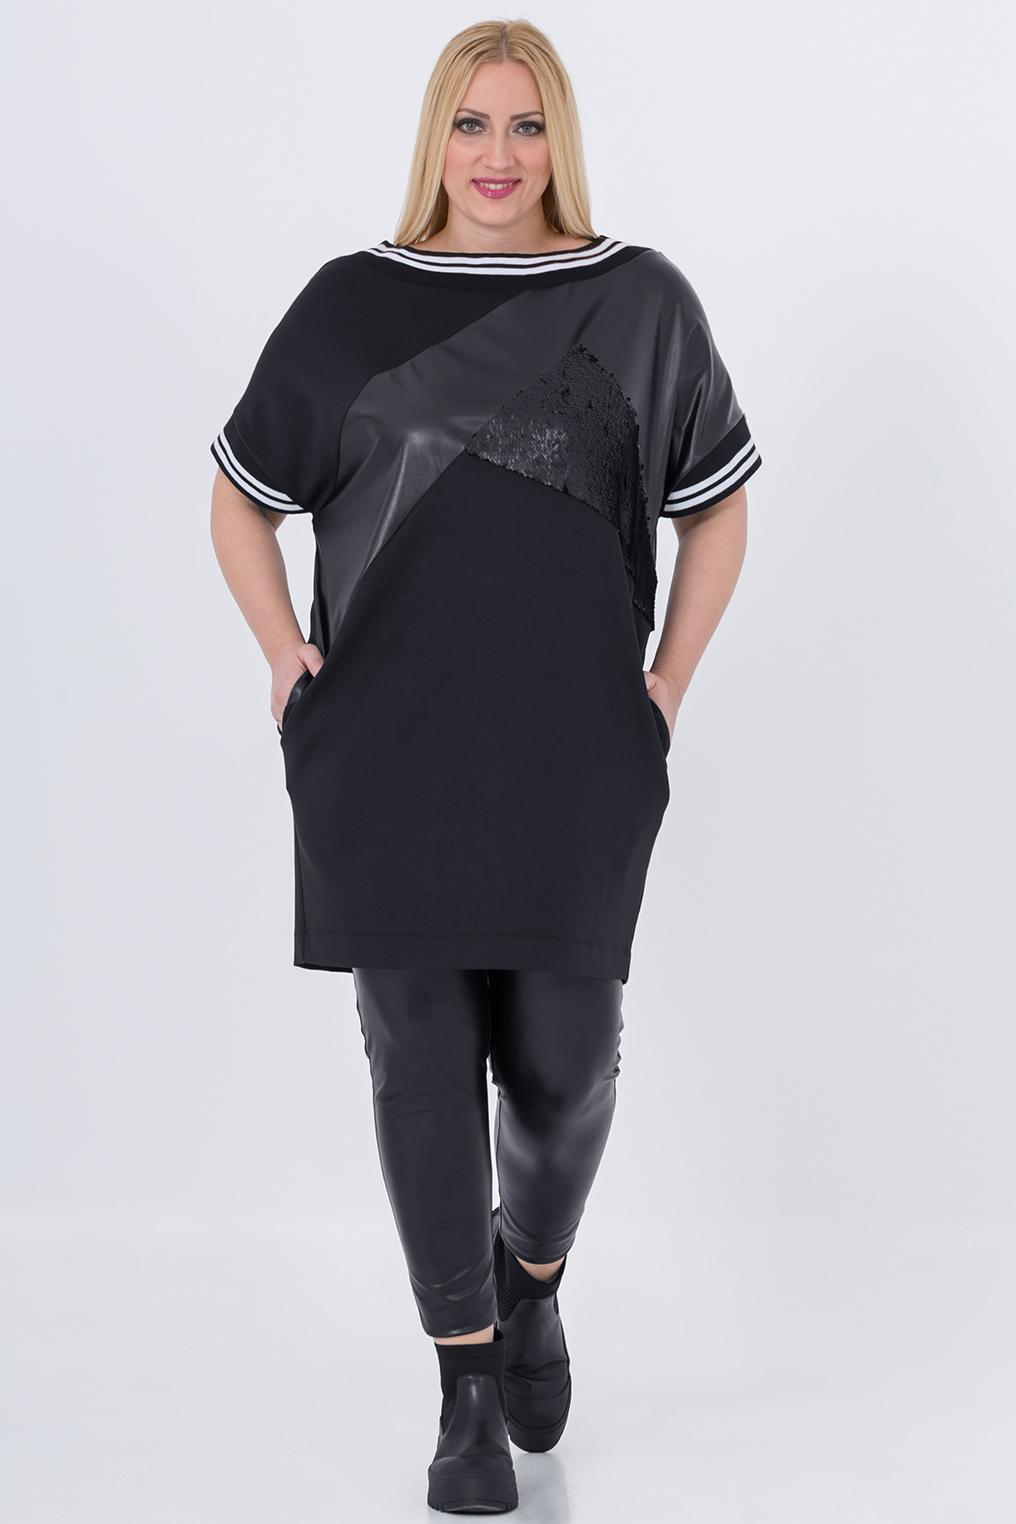 Tuniek Mat fashion combi stofjes